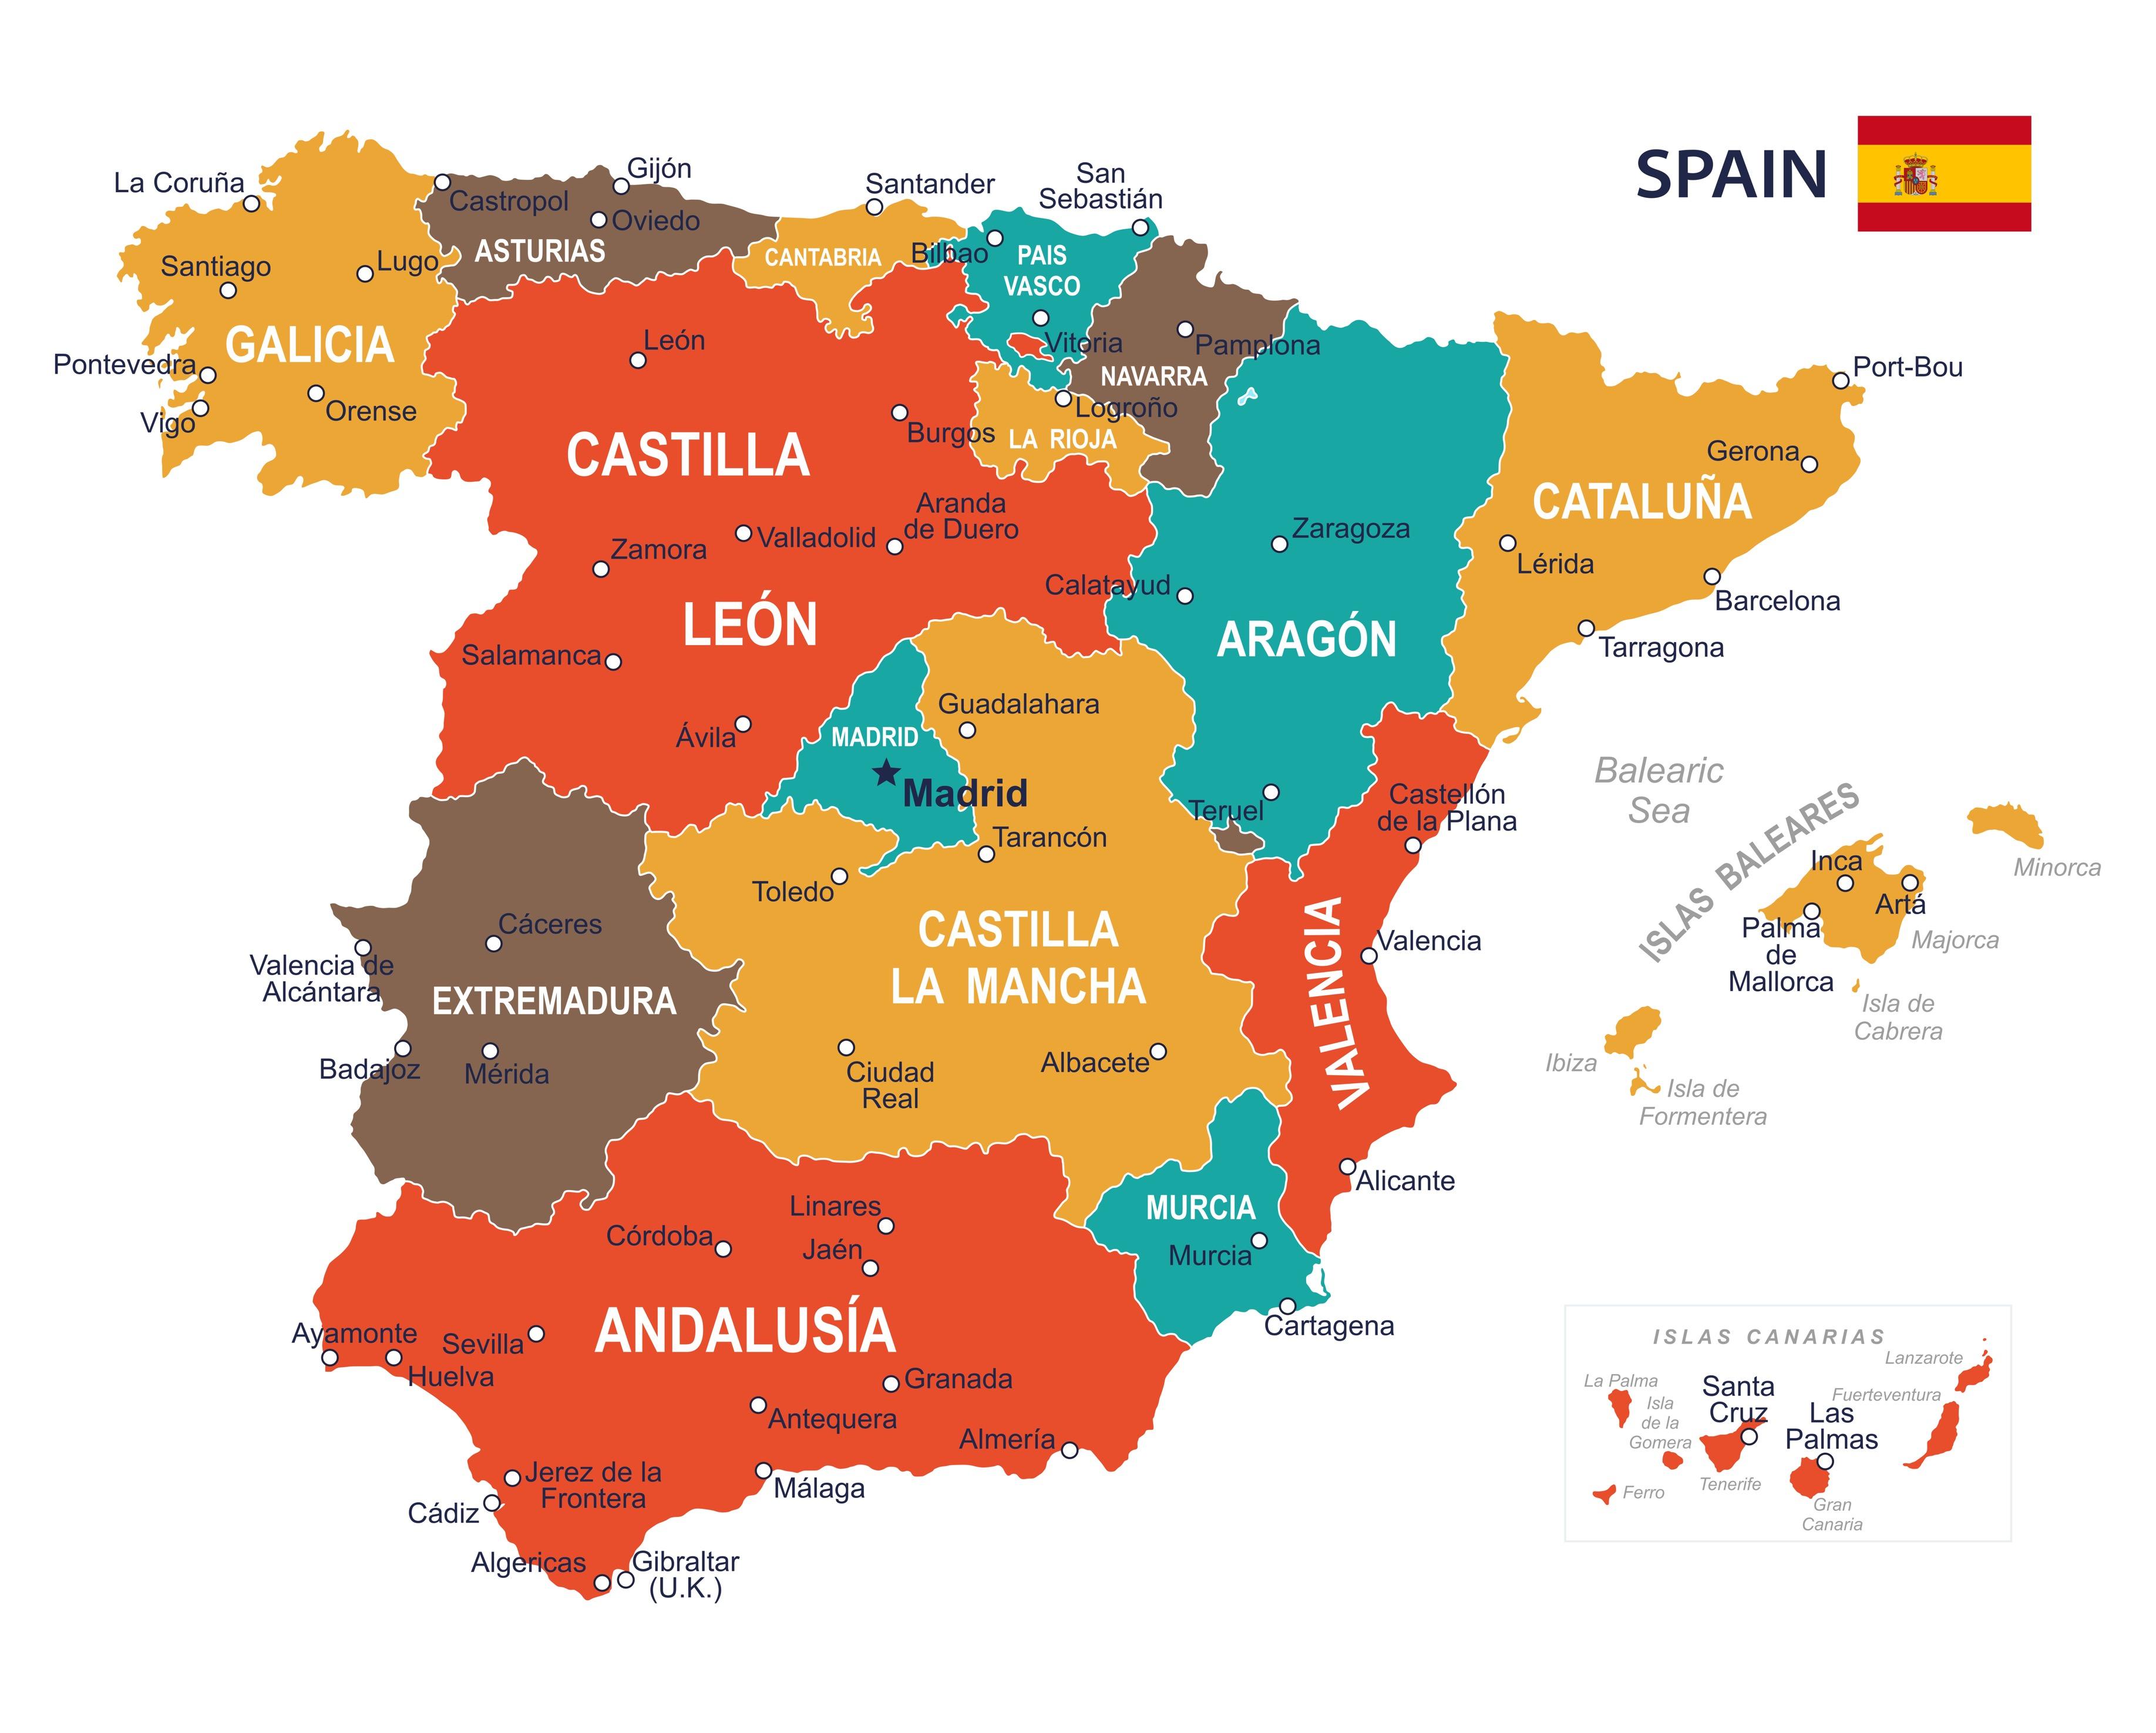 スペイン原産のブドウから造られるワイン!テンプラニーリョの魅力とは?